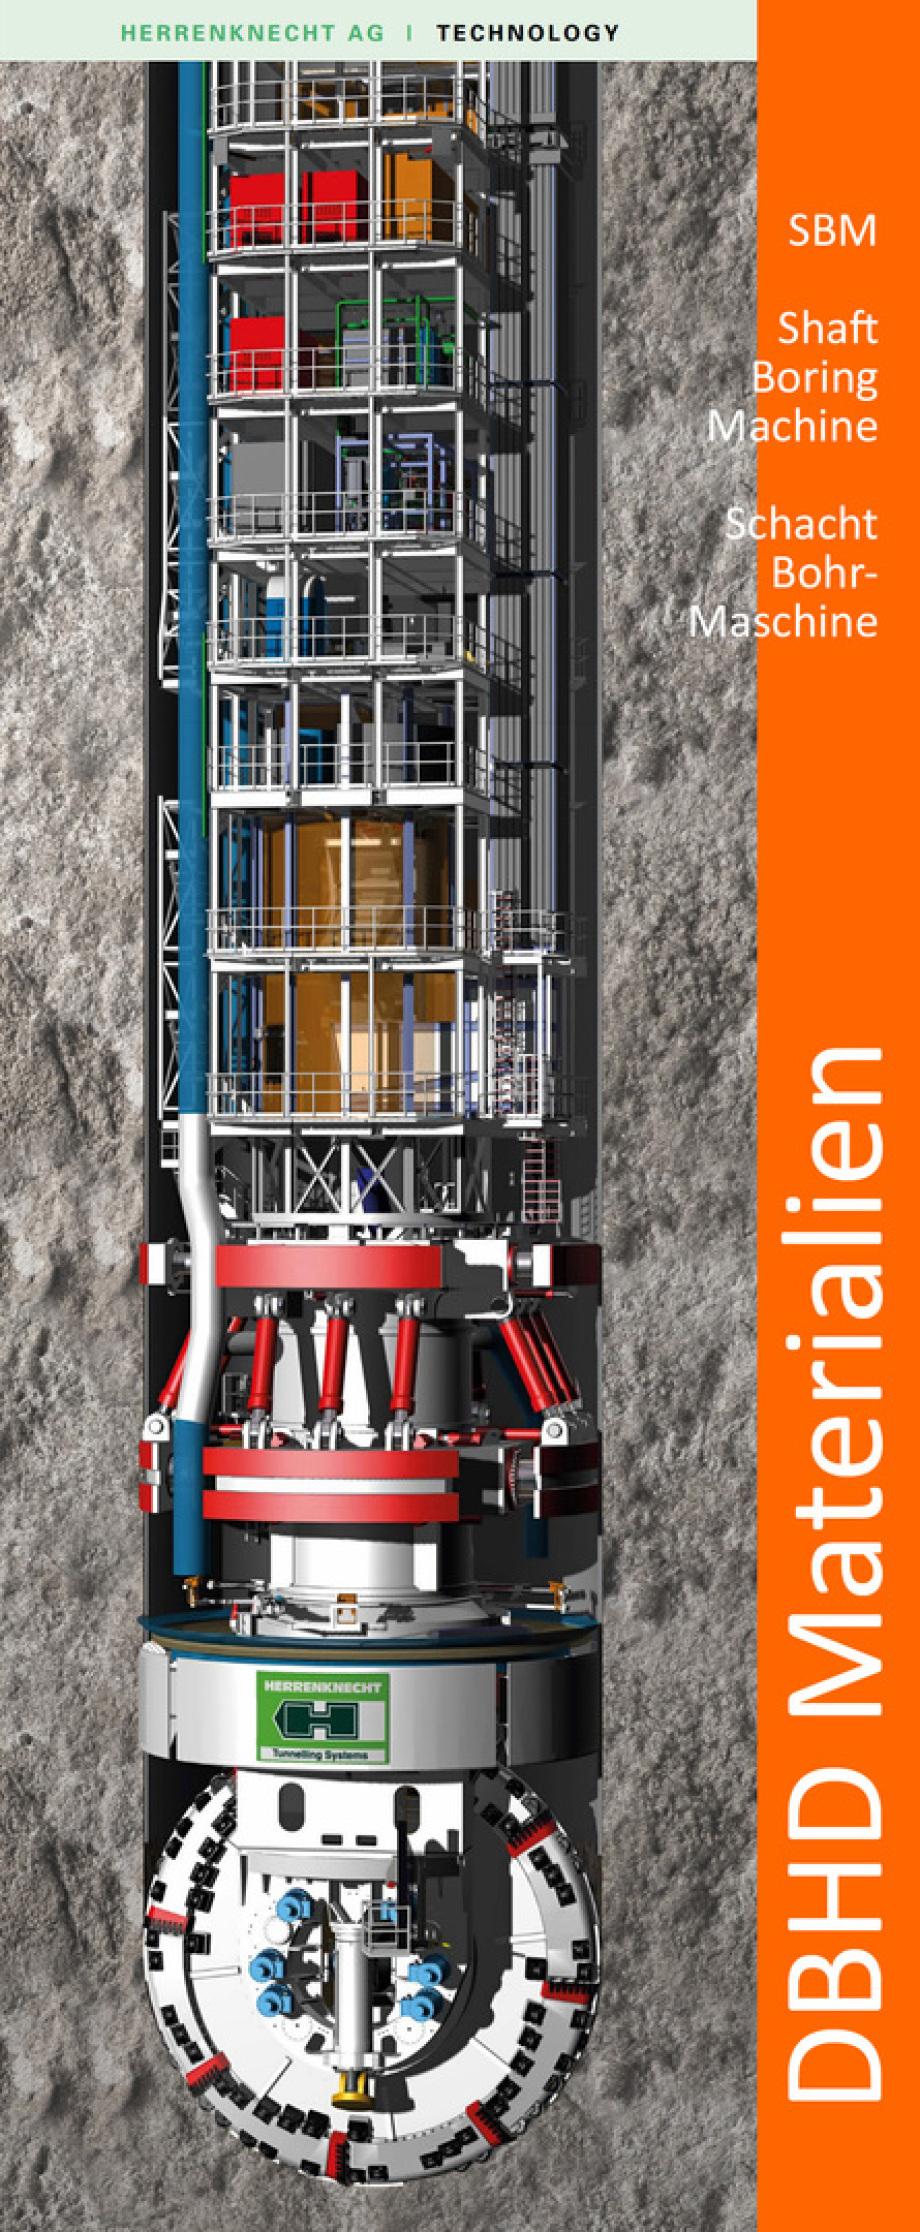 DBHD Endlager südlich Kröpelin mit Herrenknecht Schacht-Bohr-Maschine für BGE GmbH Peine und BFE Berlin